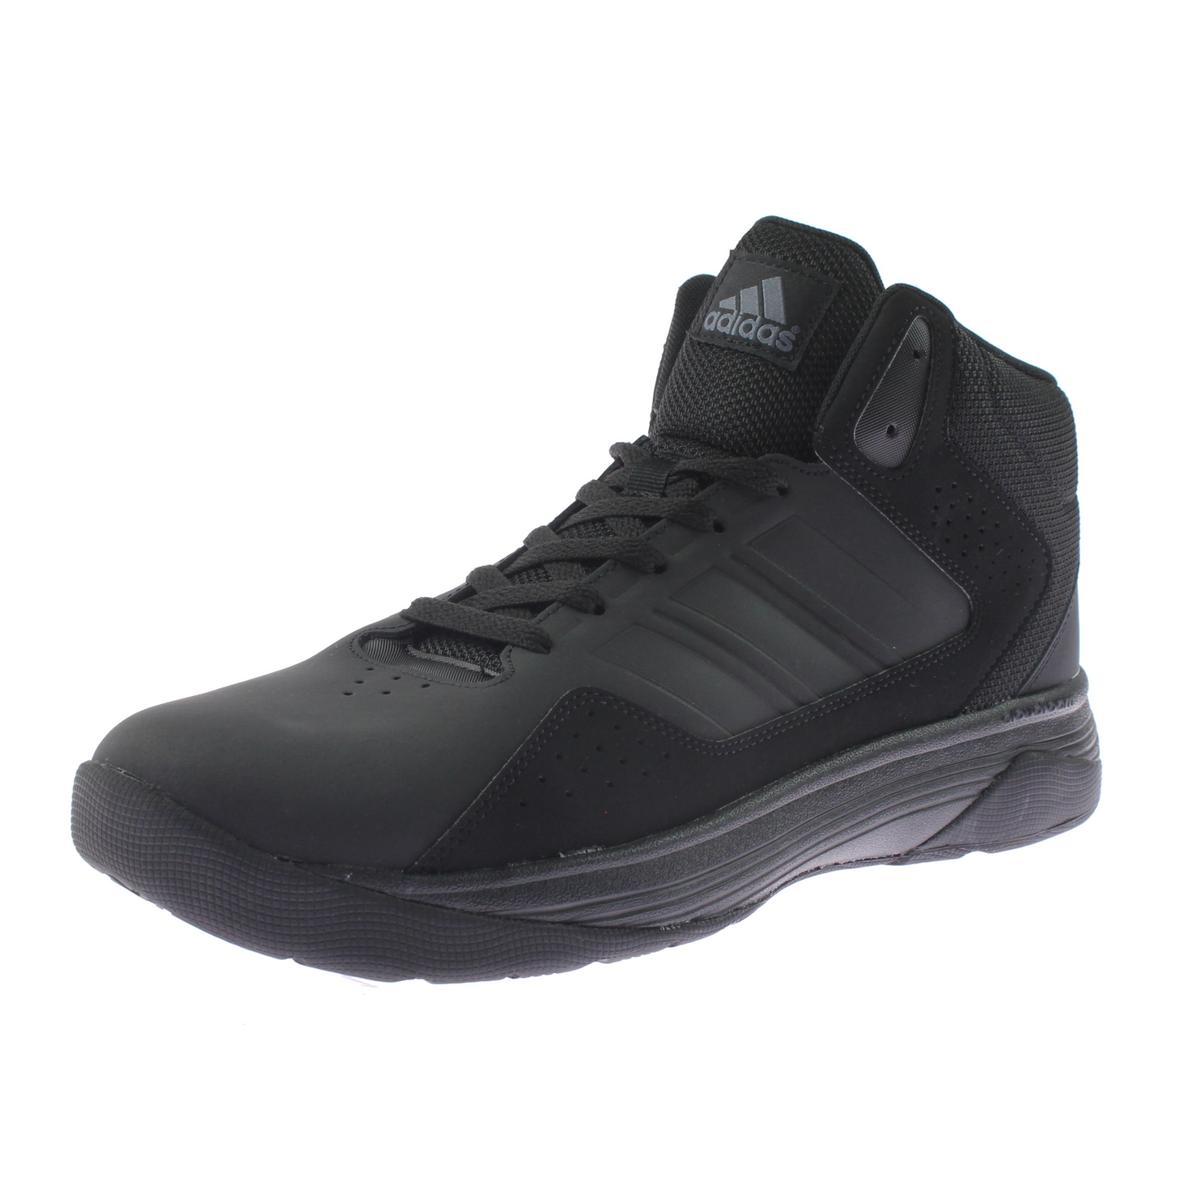 Adidas hombre zapatos Mid de baloncesto de cloudfoam recopilación Mid zapatos negro mediano a30fcd